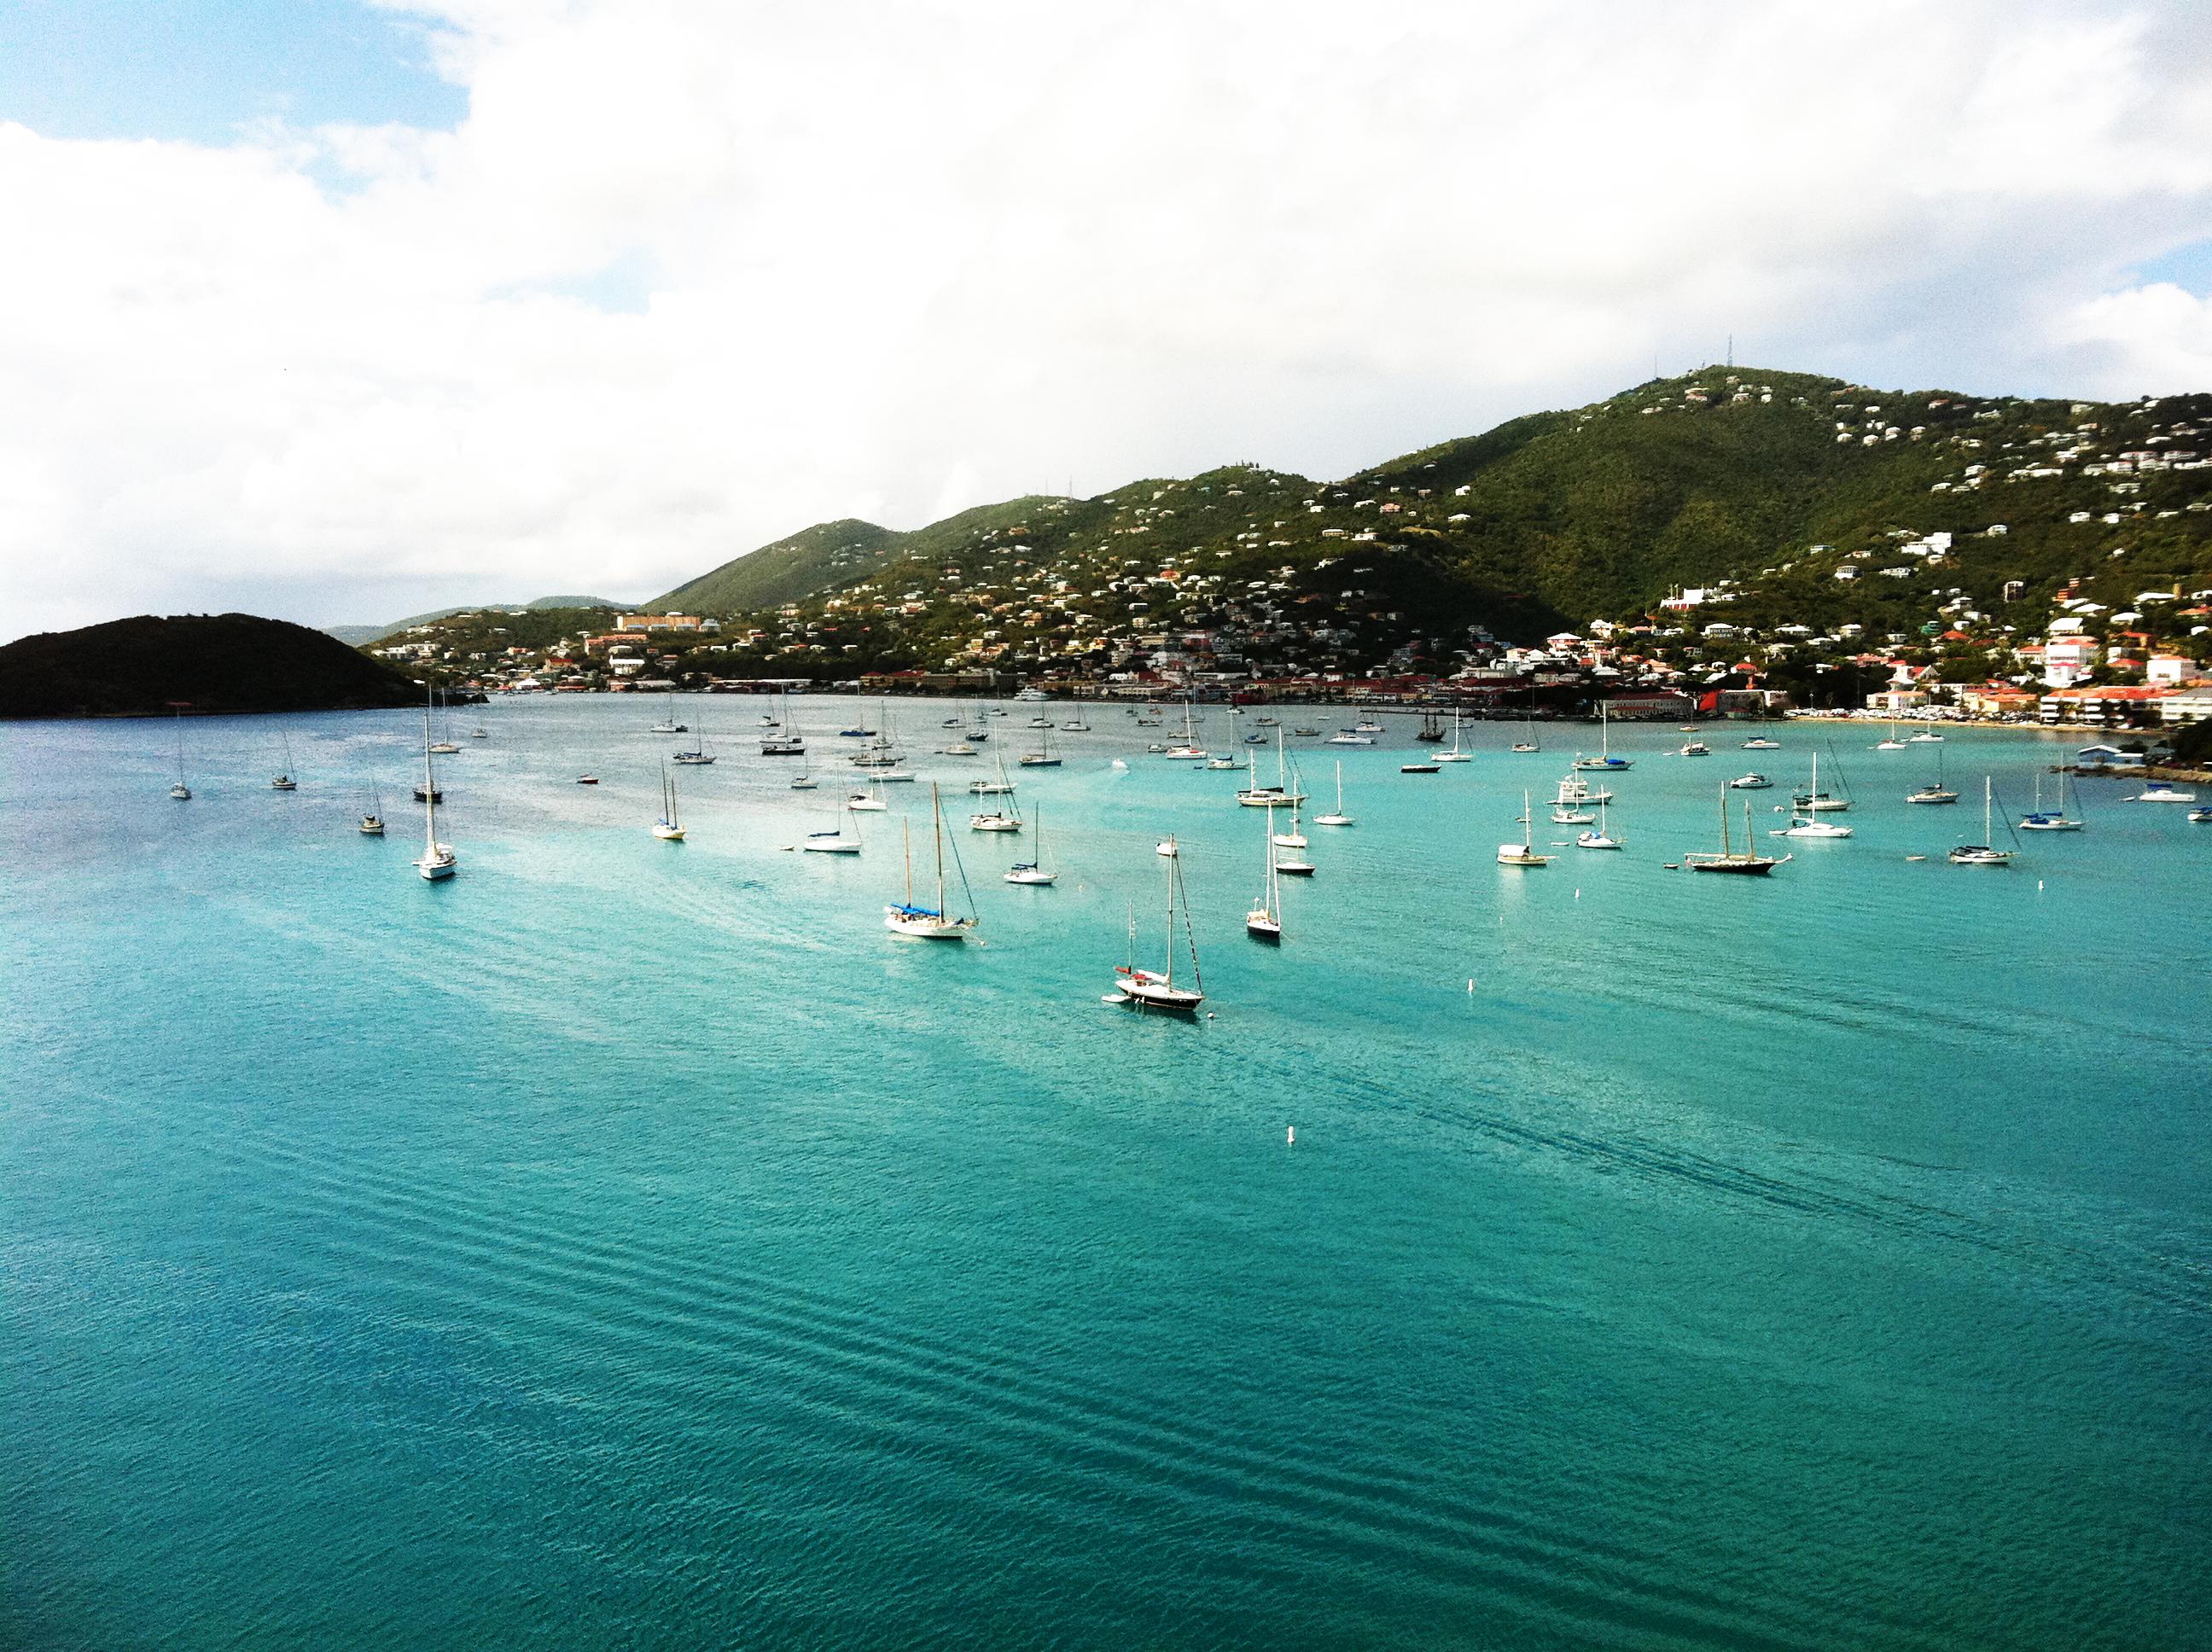 Diario-de-Viagem-Caribe-St-Thomas-Navio-Acho-Tendencia-Giovana-Quaglio-9